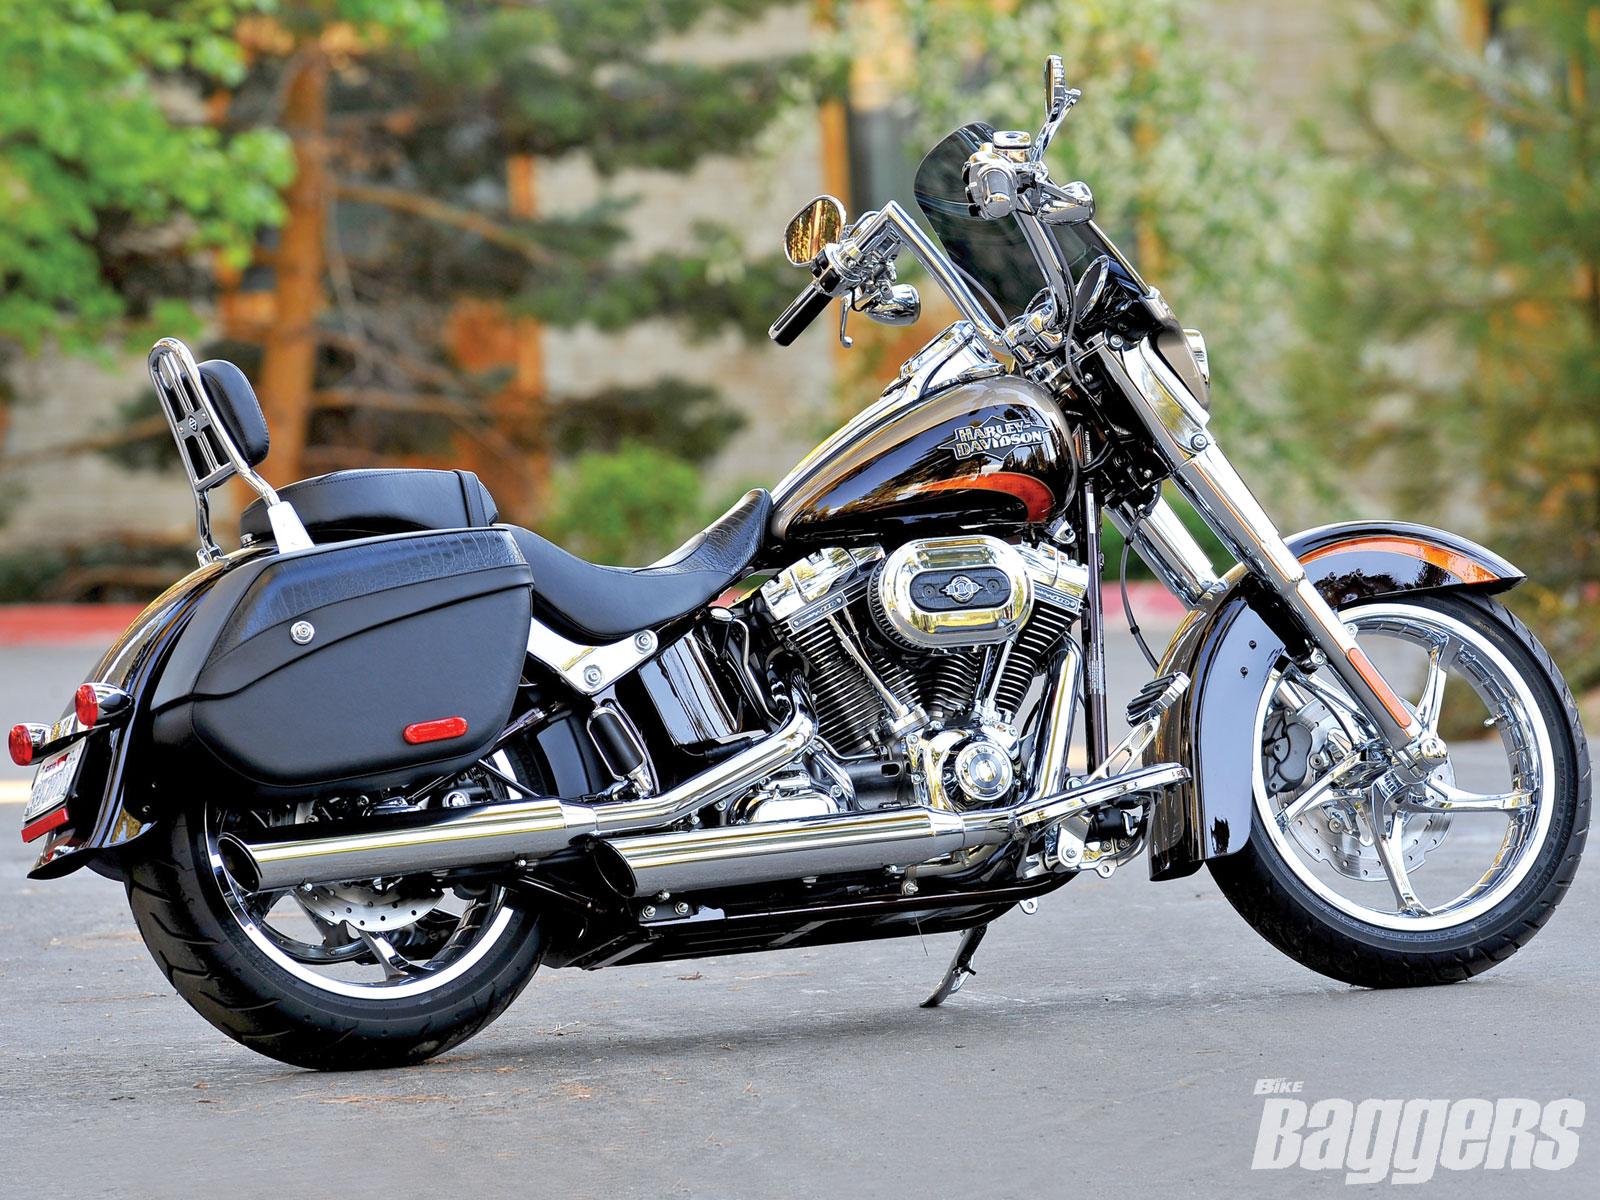 Harley Davidson: Harley Davidson Bikes: Harley Davidson FLSTSE CVO Softail